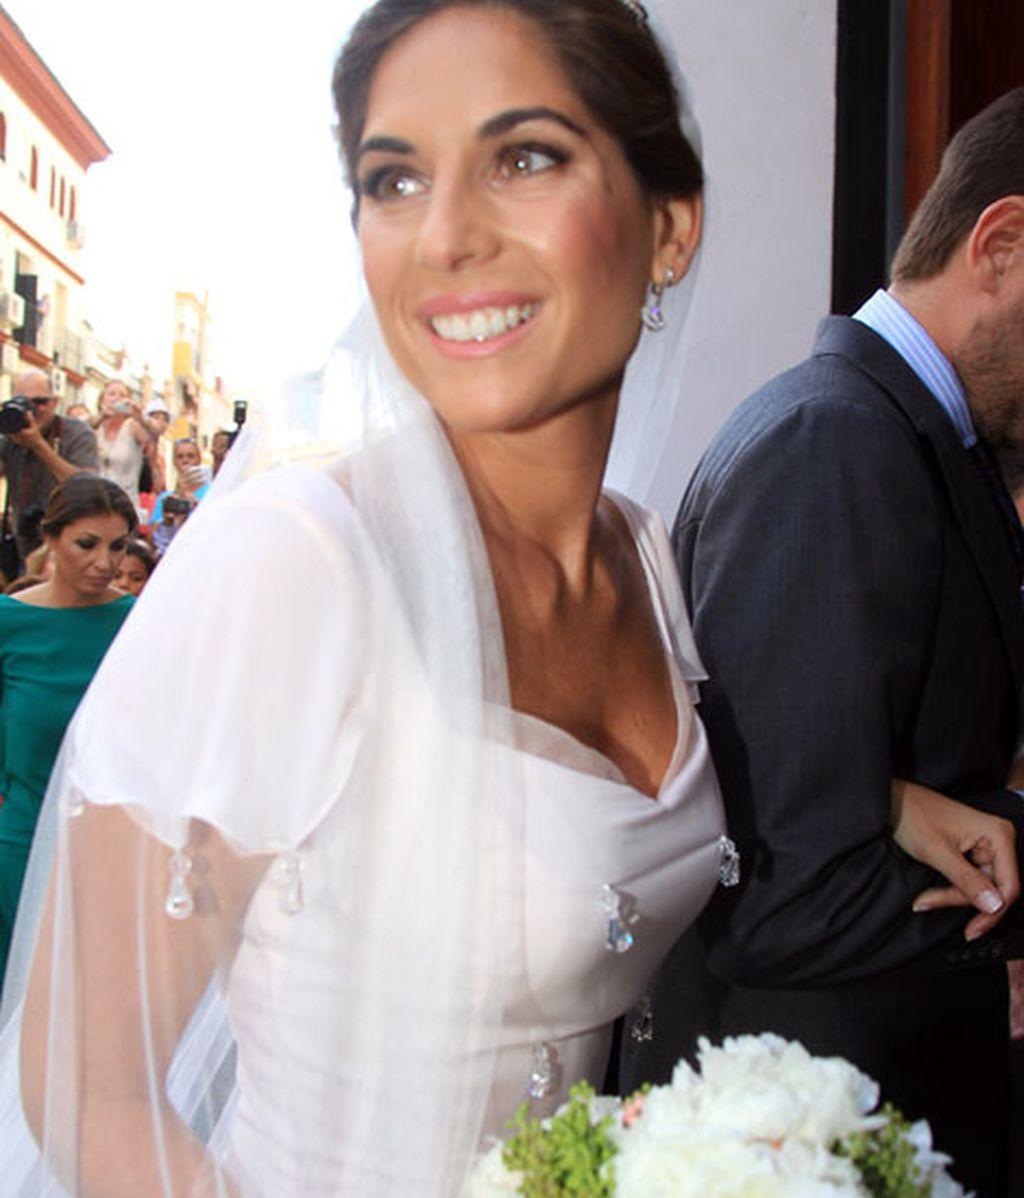 La novia se ha mostrado radiante en su día